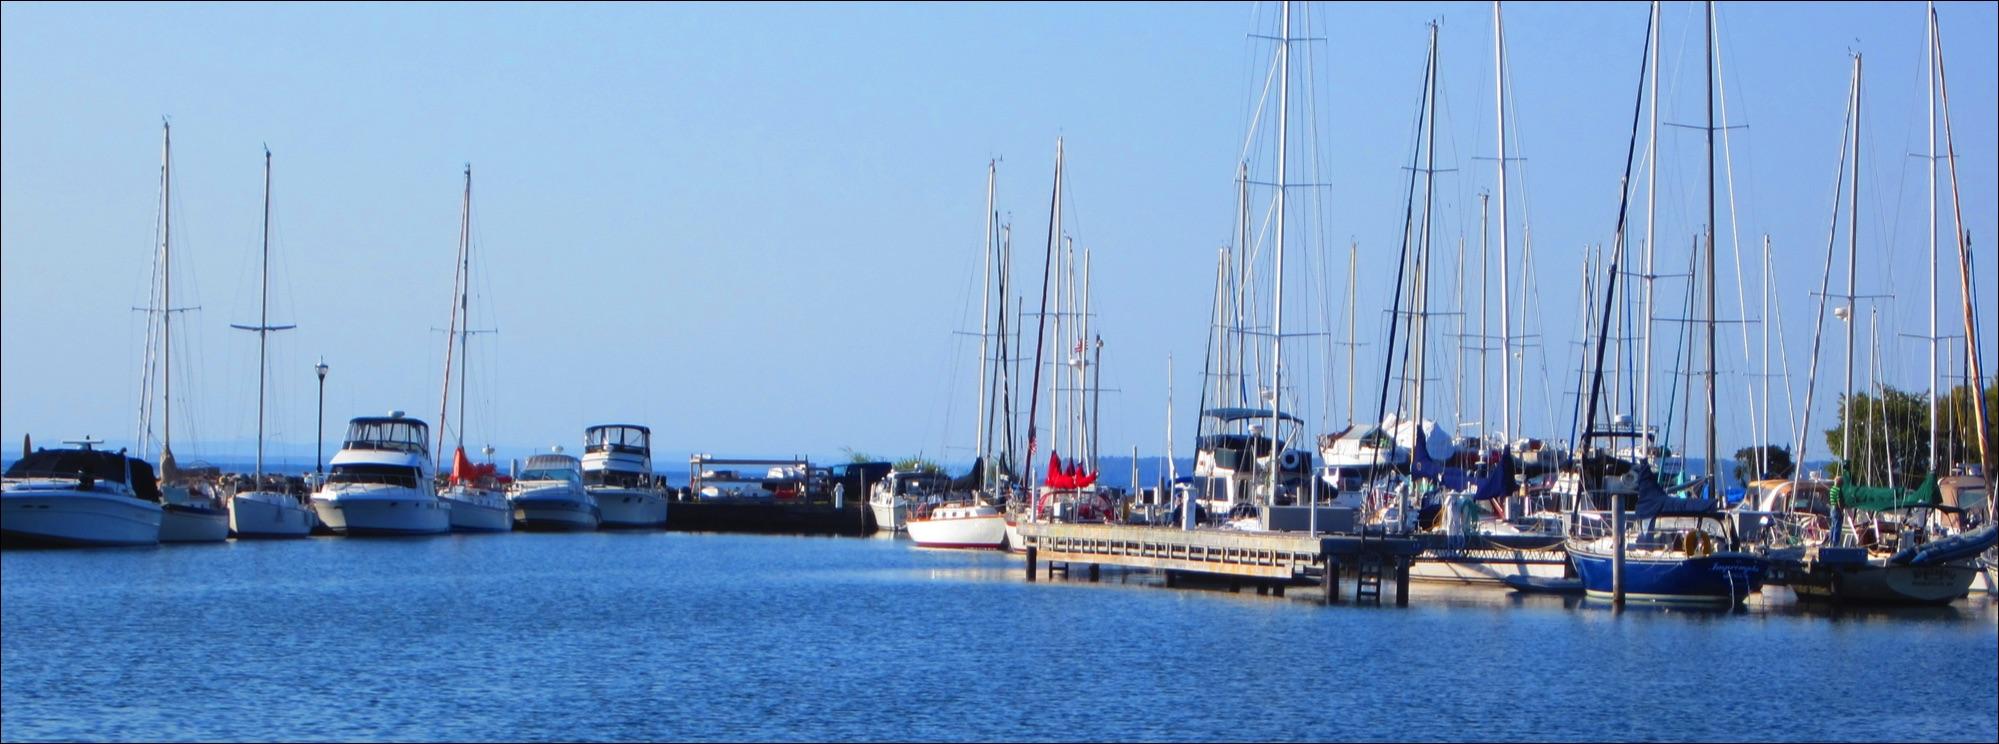 DockedSailboats2